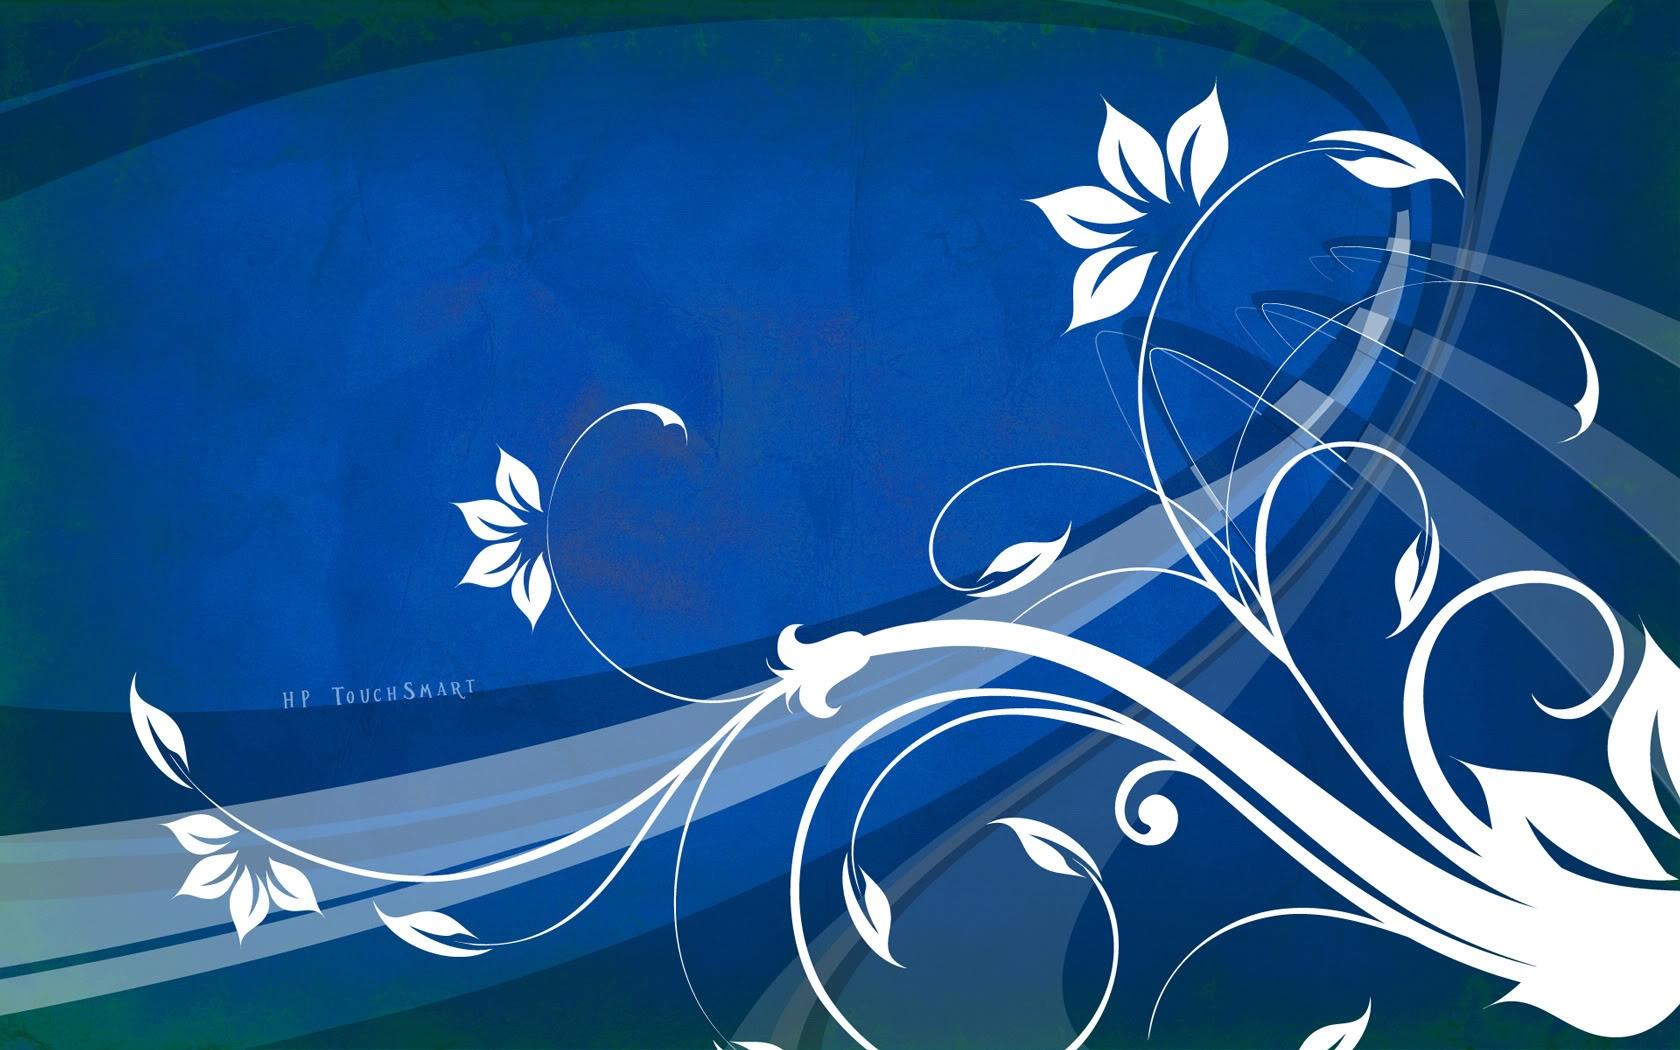 Hp screensavers and wallpaper wallpapersafari - Hp screensaver ...